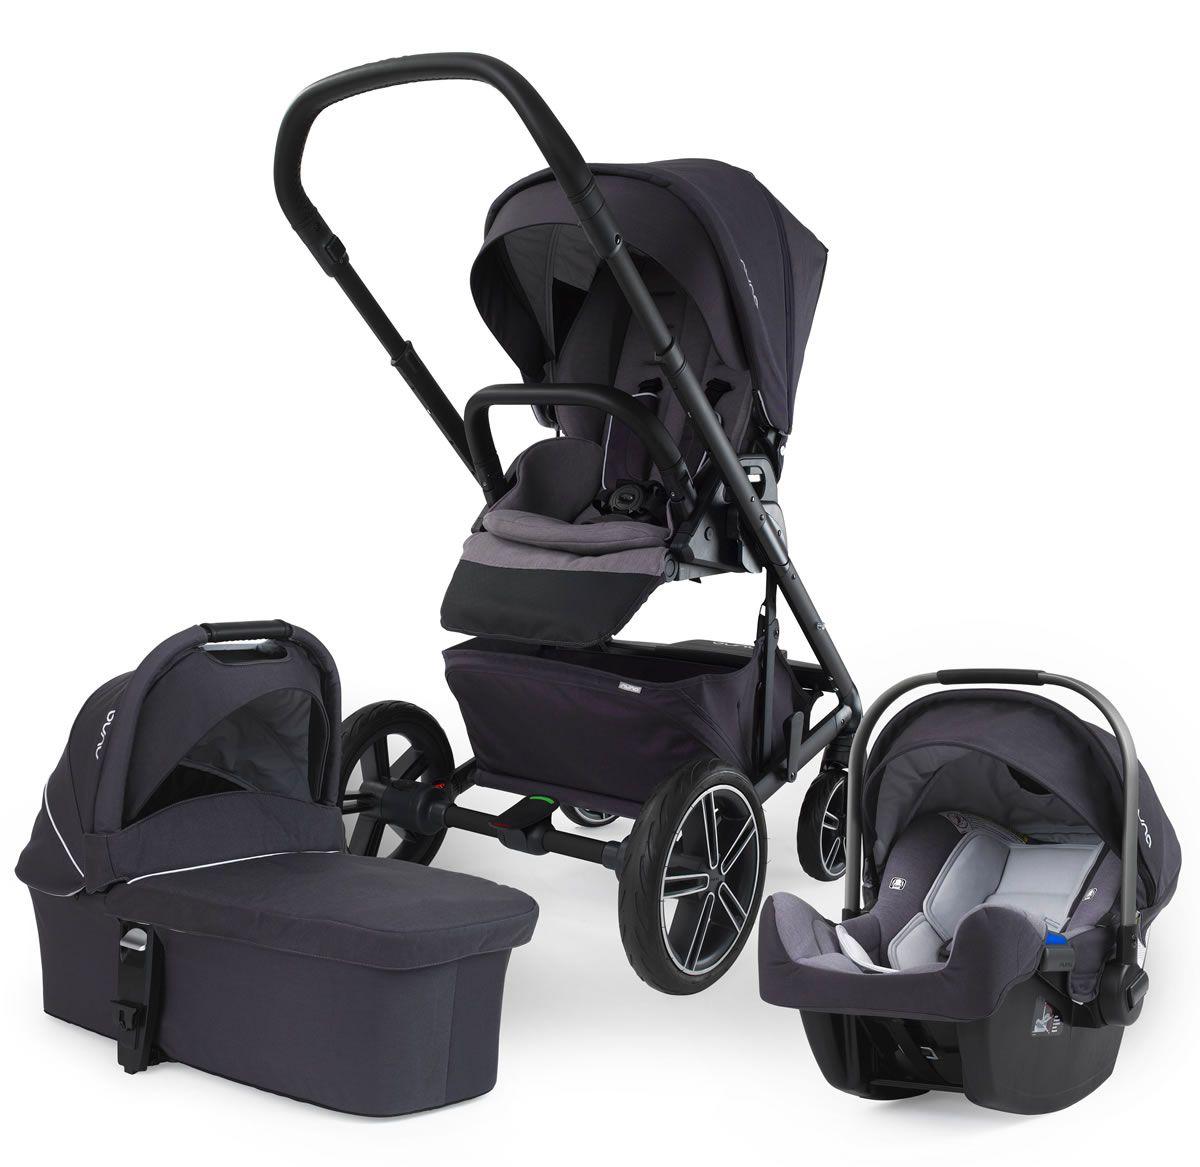 Nuna Mixx Travel System & Jett Baby strollers